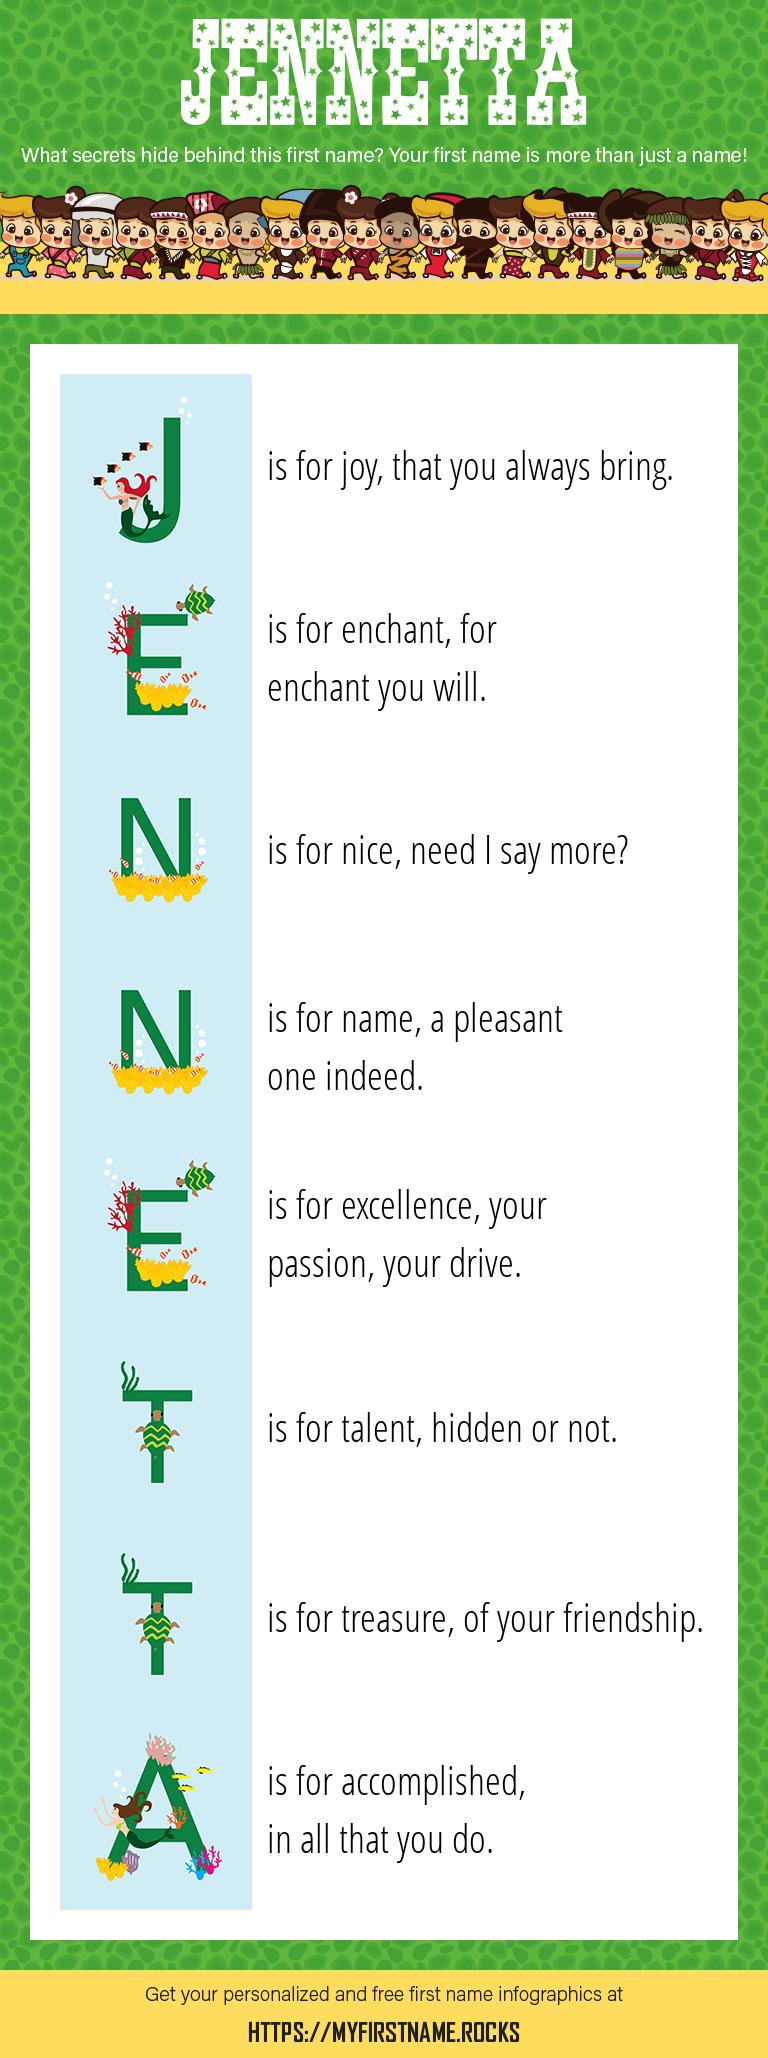 Jennetta Infographics